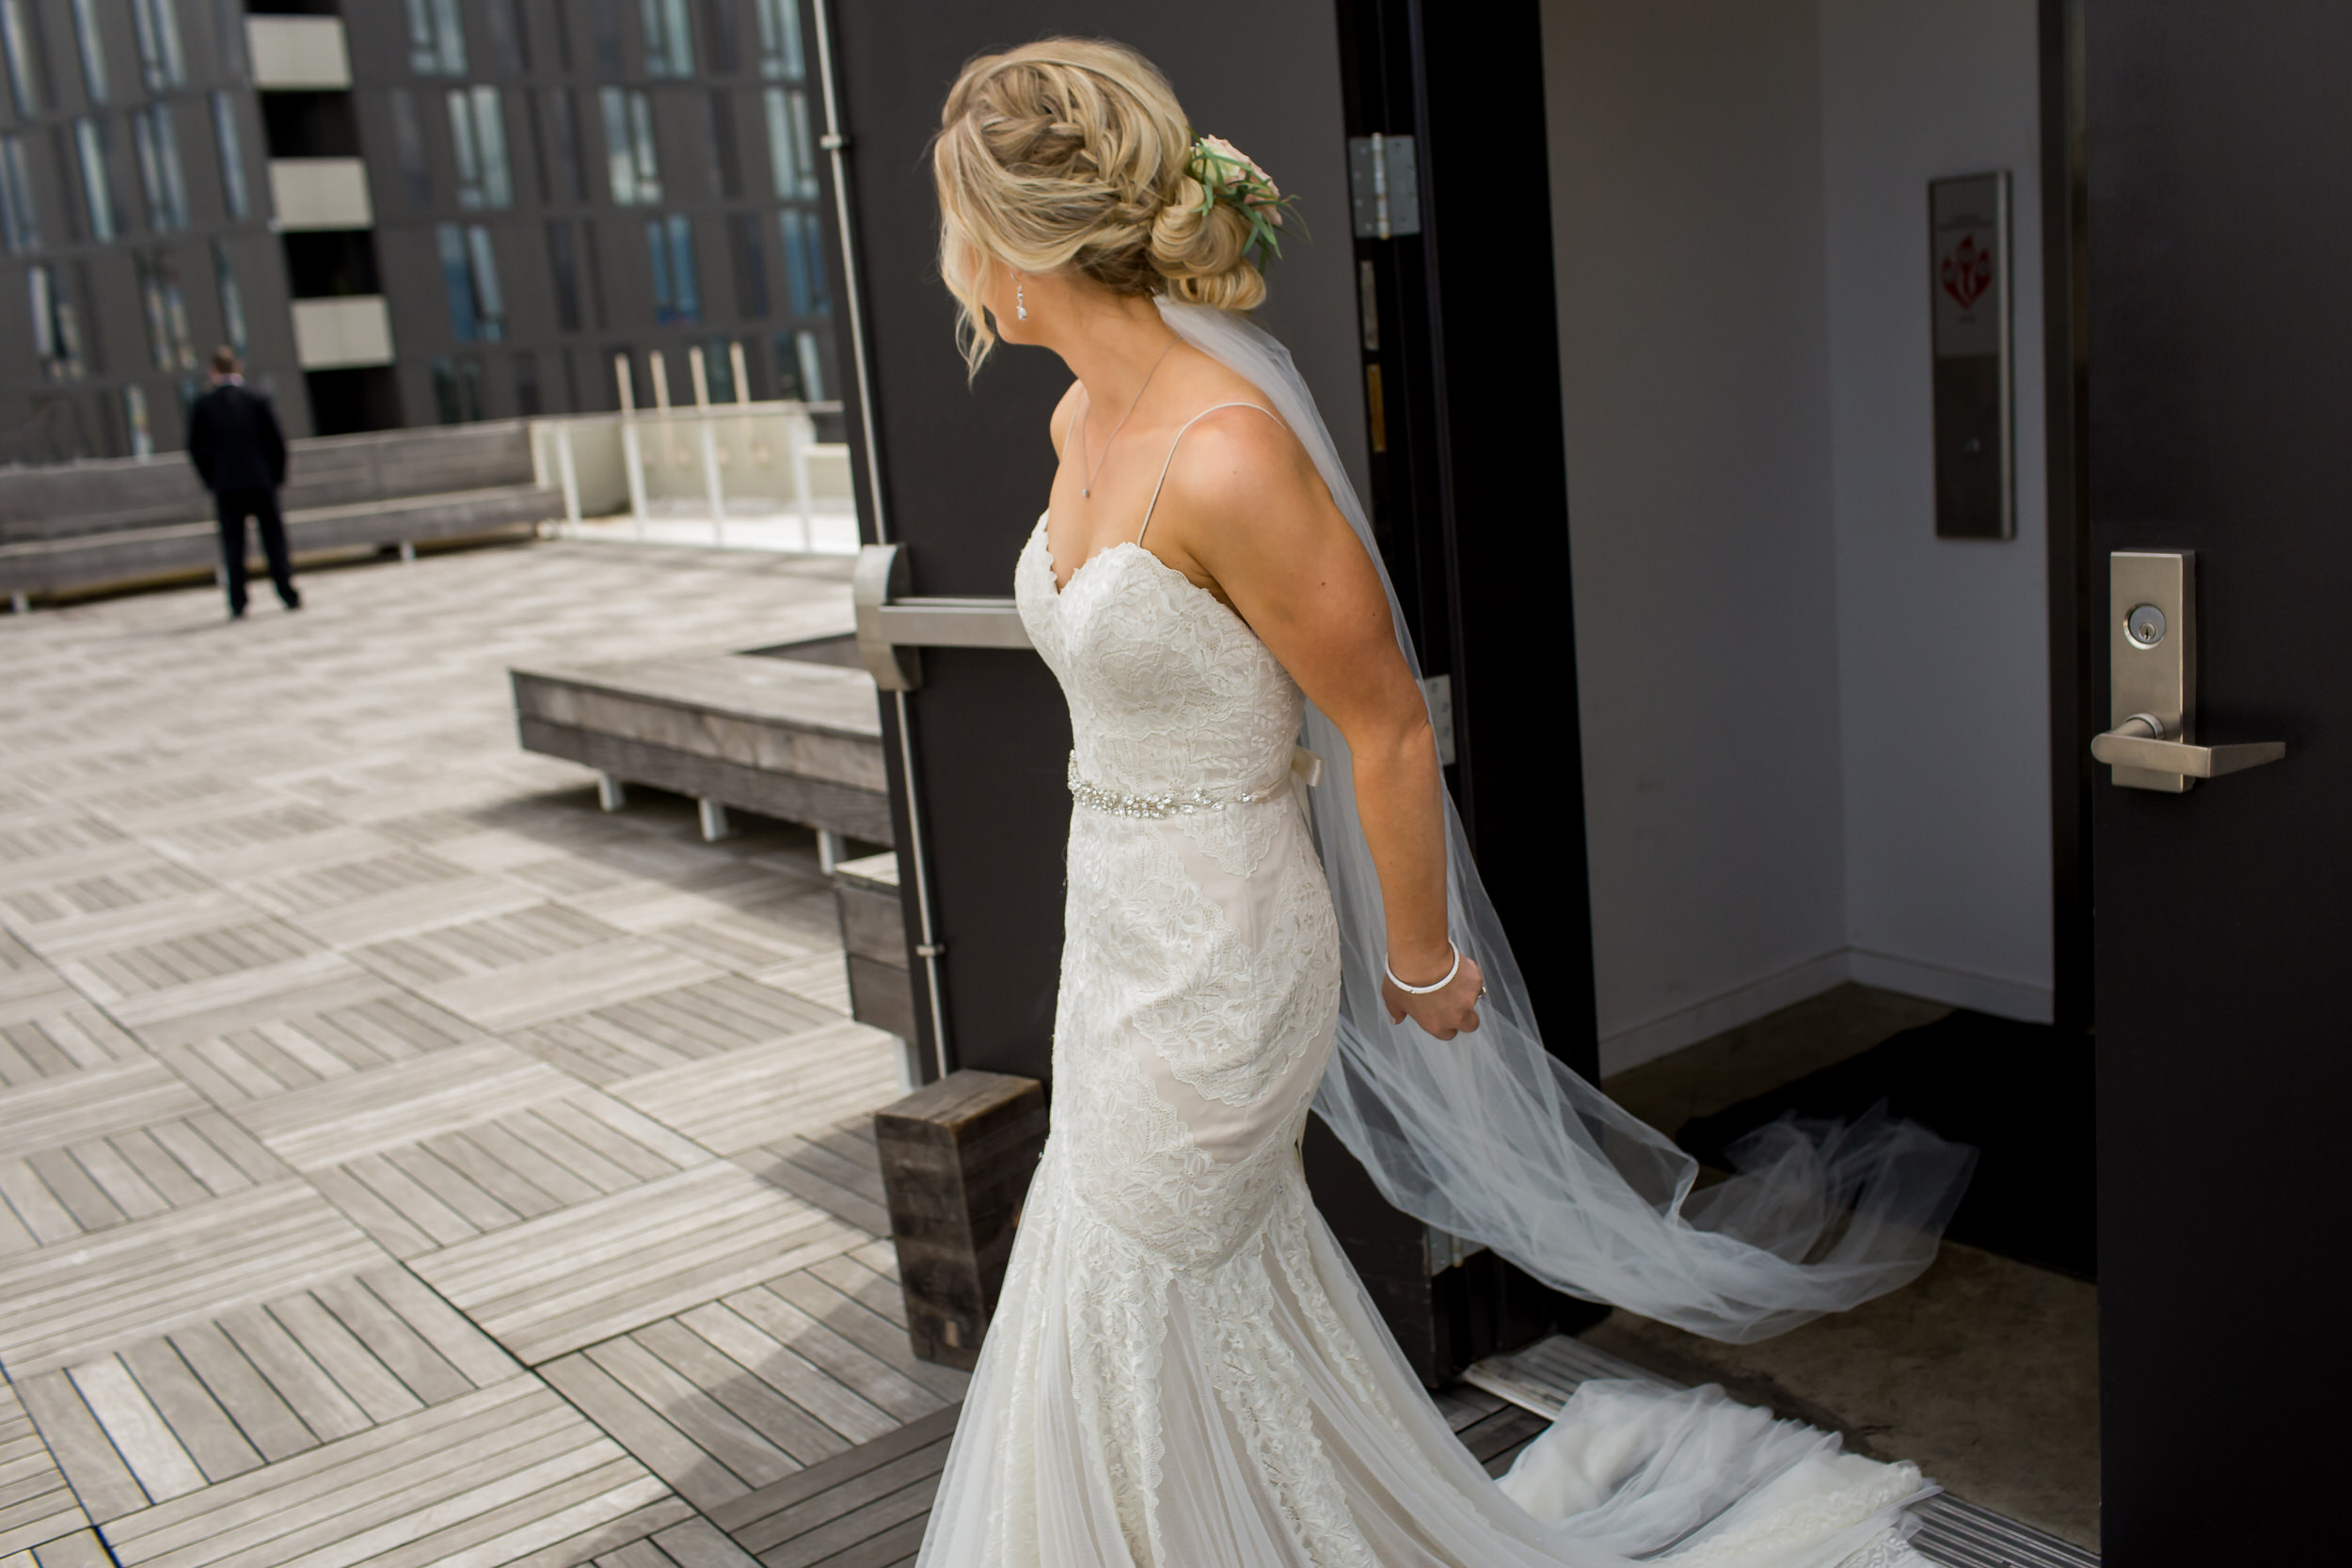 Eastside_Exchange_Ballroom_Wedding_Portland_009